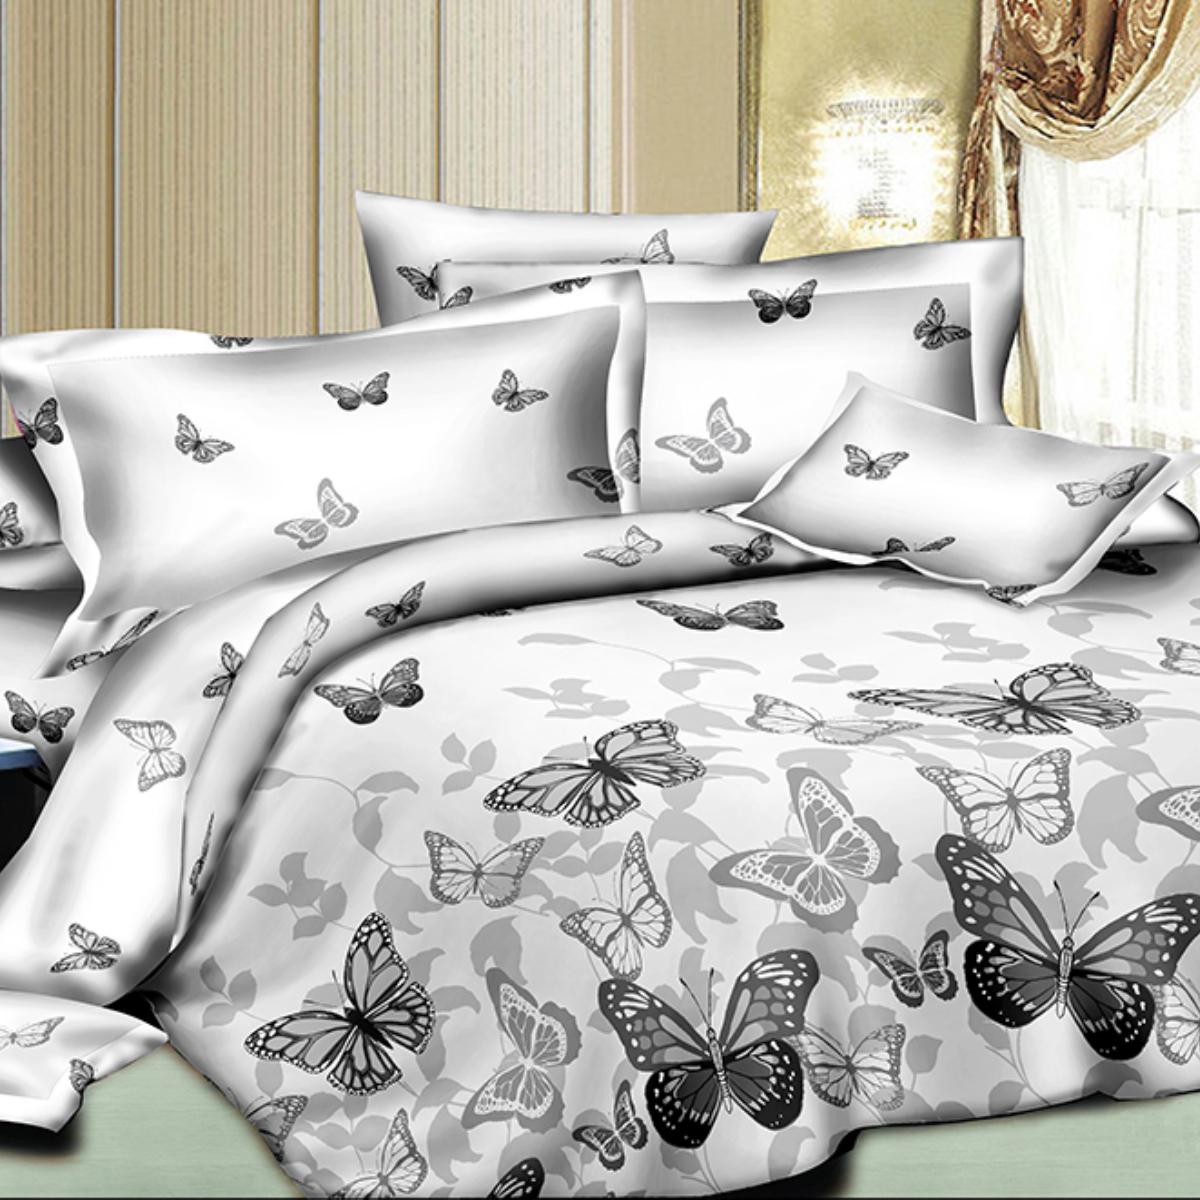 Комплект белья Letto, 2-спальный, наволочки 70х70. SM114-4SM114-4Классика в сатиновом исполнении - залог комфорта, модного дизайна и гармонии цвета в вашей спальне. Это отличный подарок любителям трендов. Сатин заслужено считается благородной тканью для постельного белья. Ему свойственна практичность, долговечность, мягкость и изысканный блеск, такая ткань прекрасно впитывает влагу во время сна, комфортна на ощупь и не требует особого ухода. Серия Letto Сатин - это современные дизайны в европейском стиле. Обращаем внимание, что наволочки могут отличаться от представленных на фотографии. Также может отличаться оттенок комплекта из-за разницы в цветопередаче мониторов.